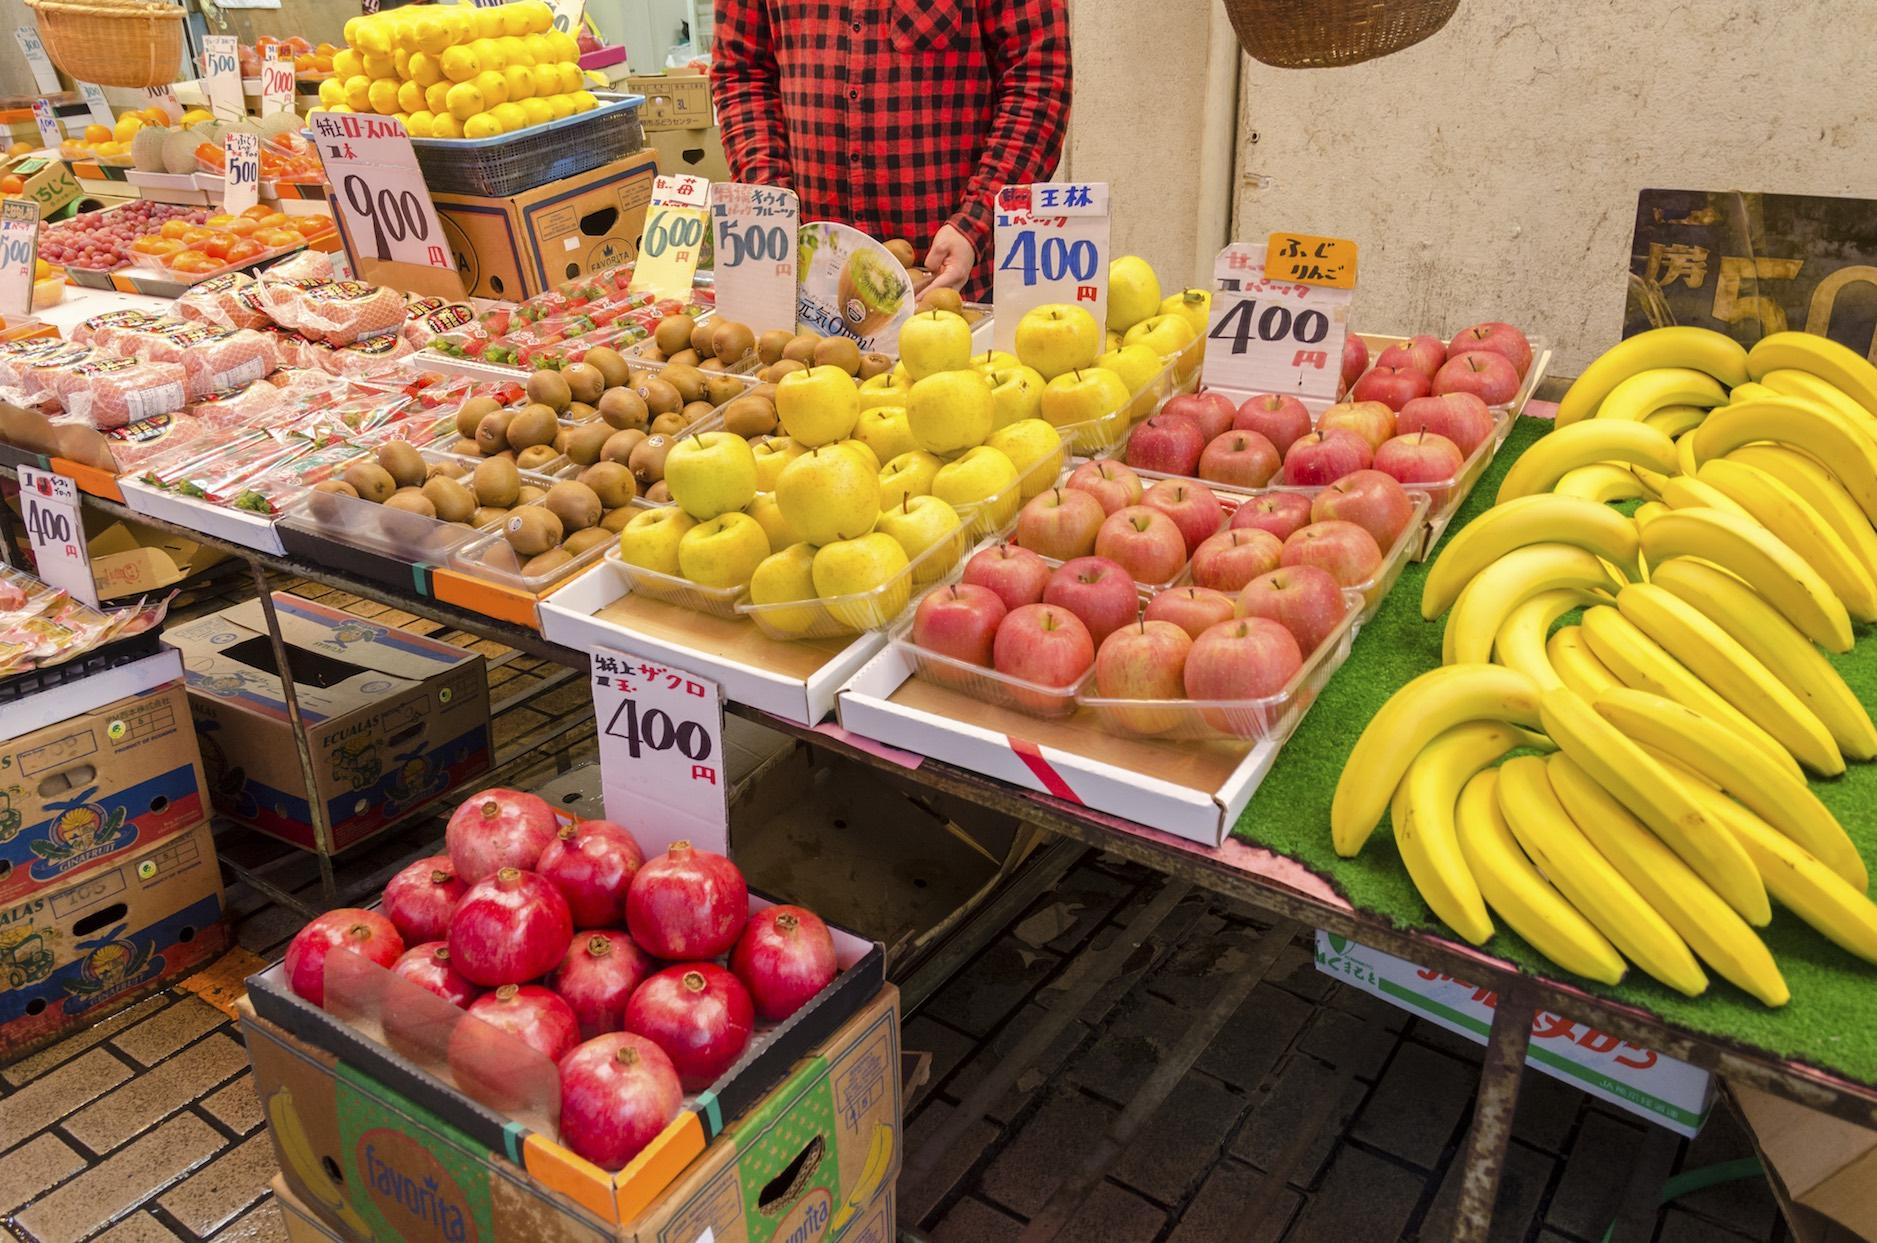 Osaka, Japan - November 25, 2014: Fruits and vegetables at the market